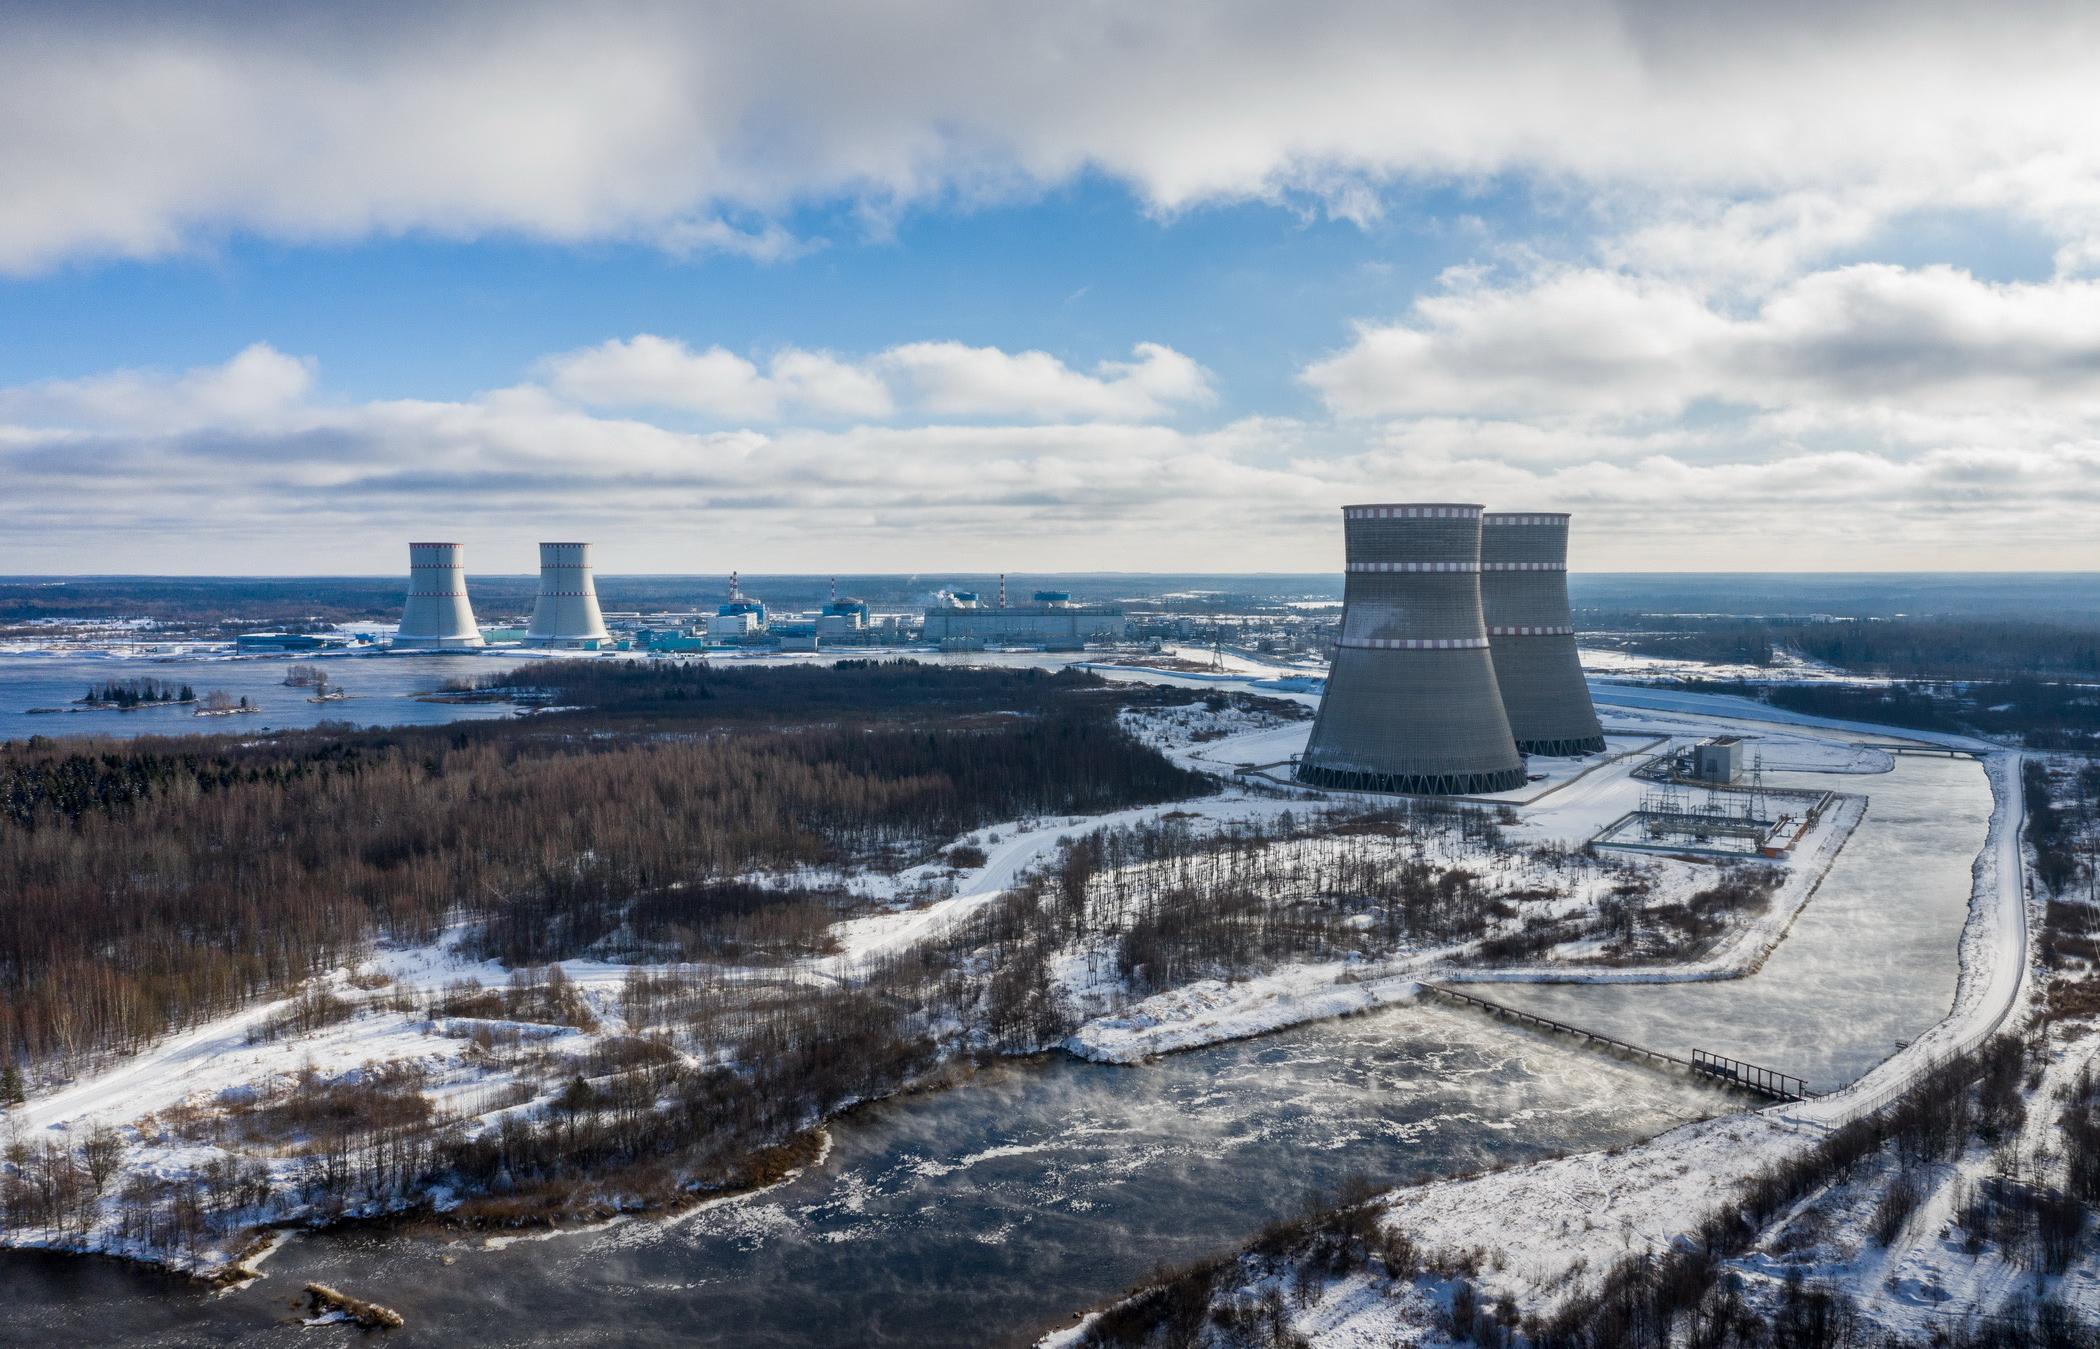 Семь работников Калининской АЭС вошли в число лучших инженеров России - новости Афанасий